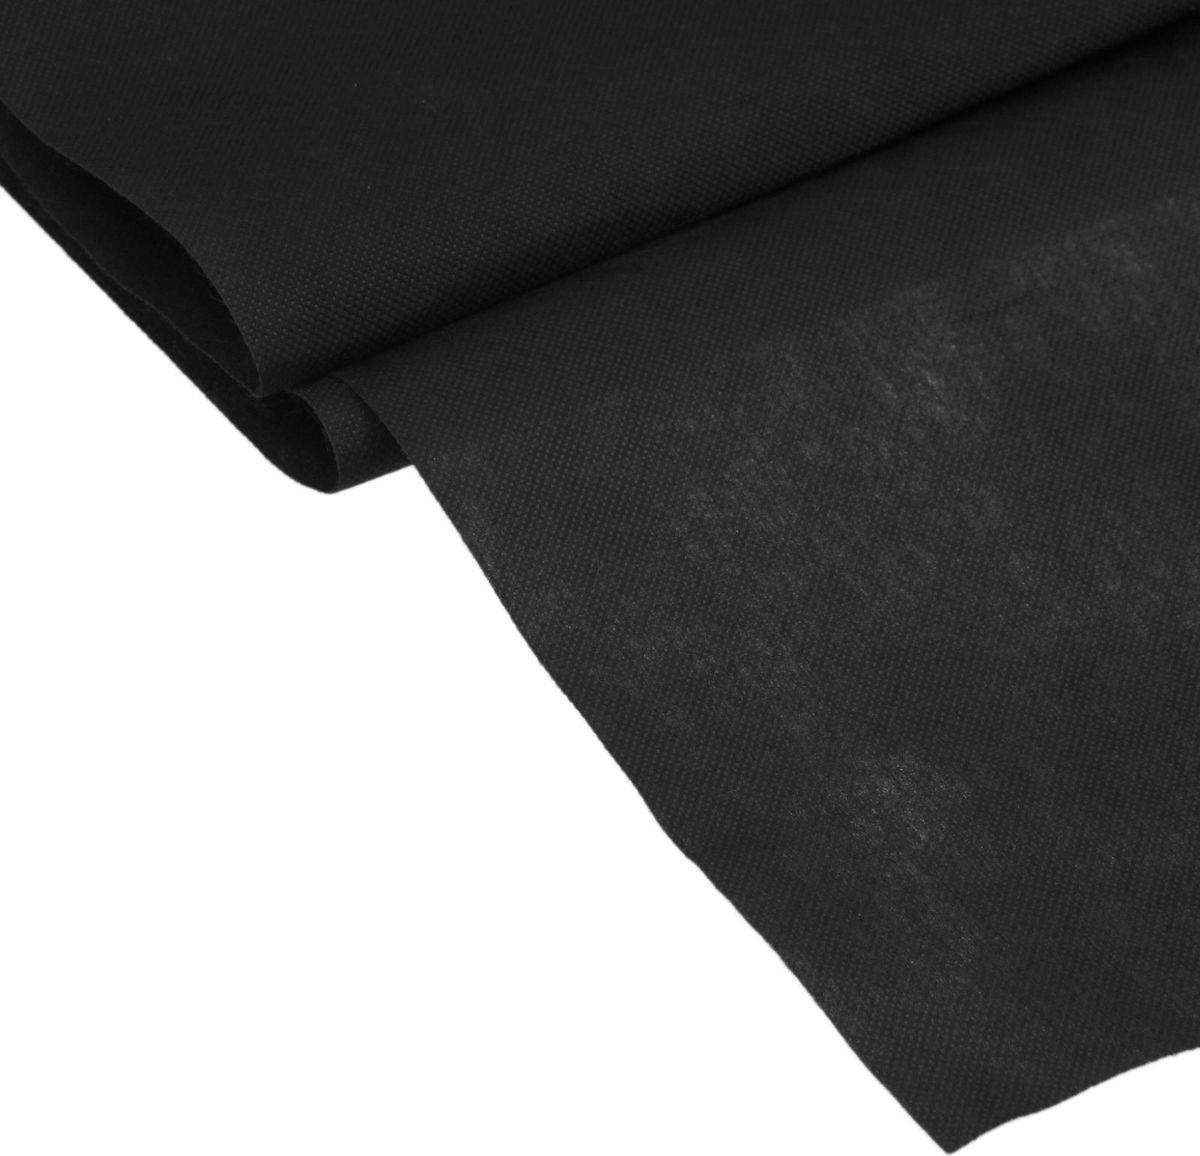 Материал укрывной Агротекс, цвет: черный, 10 х 3,2 м 693577693577Многофункциональность, надежность и высокое качество - вот отличительные черты укрывного материала Агротекс. Позаботьтесь о своих посадках заранее! Укрывной материал можно использовать на грядках. Благодаря специально разработанной текстуре он обеспечит надежную защиту даже самых ранних побегов от: заморозков, солнечных ожогов, холодной росы, дождей, птиц и грызунов. Он создает мягкий, комфортный микроклимат, который способствует росту и развитию рассады. Благодаря новейшим разработкам укрывной материал удерживает влагу, и растения реже нуждаются в поливе. Ближе к зиме опытные садоводы укутывают им стволы деревьев, теплицы и грядки, чтобы исключить промерзание земли и корневой системы. Материал Агротекс поможет вам ускорить процесс созревания растений, повысит урожайность, сэкономит средства и силы по уходу за садом.